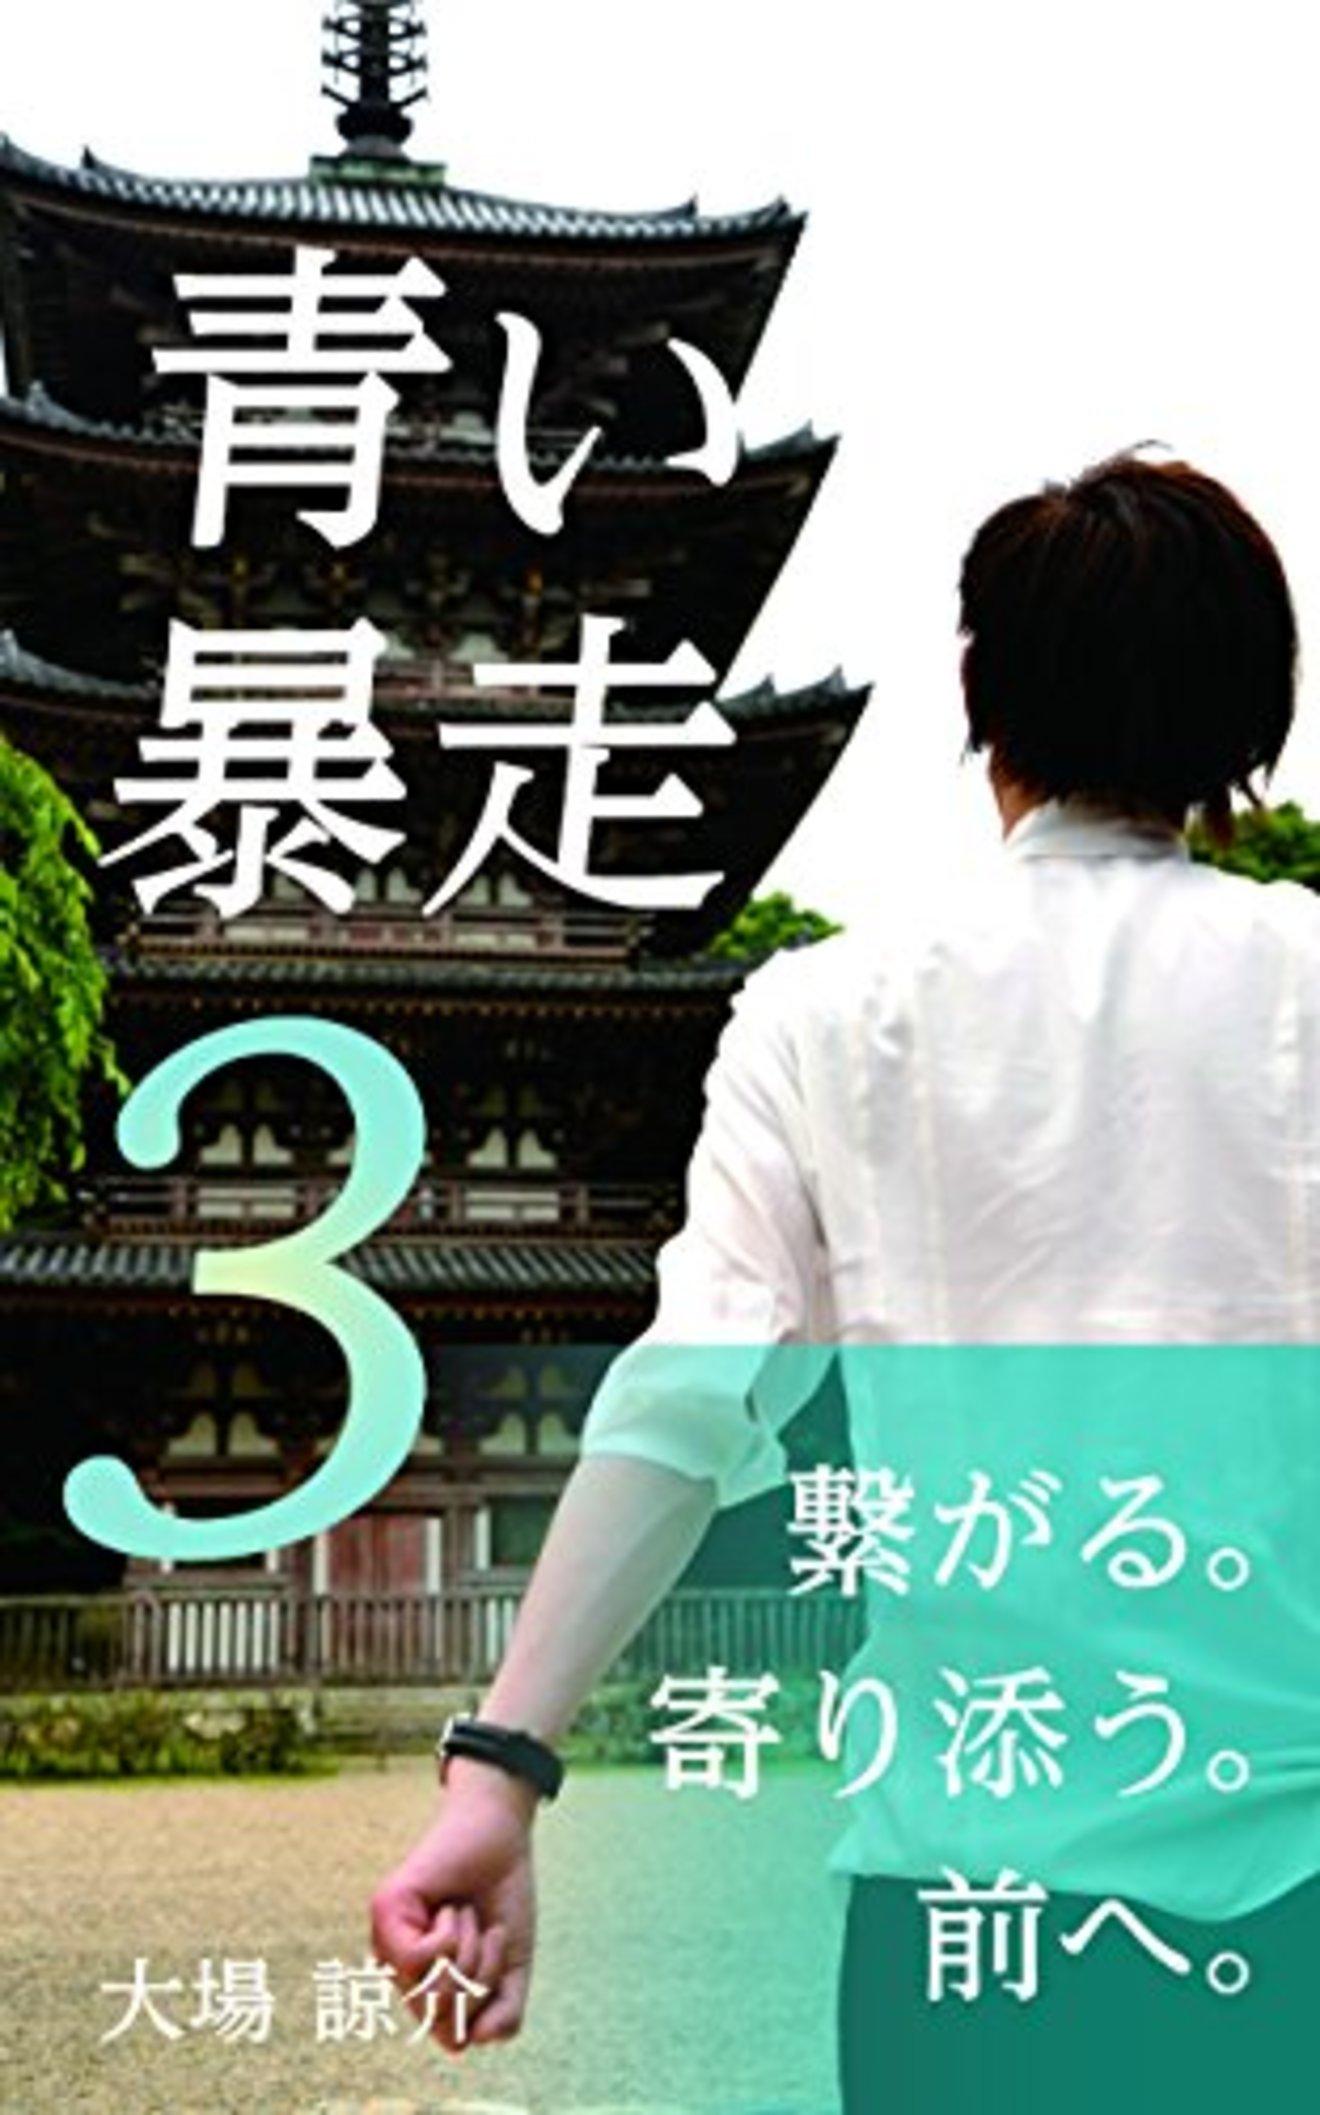 【連載小説】「ロマンティックが終わる時」第31話【毎朝6時更新】